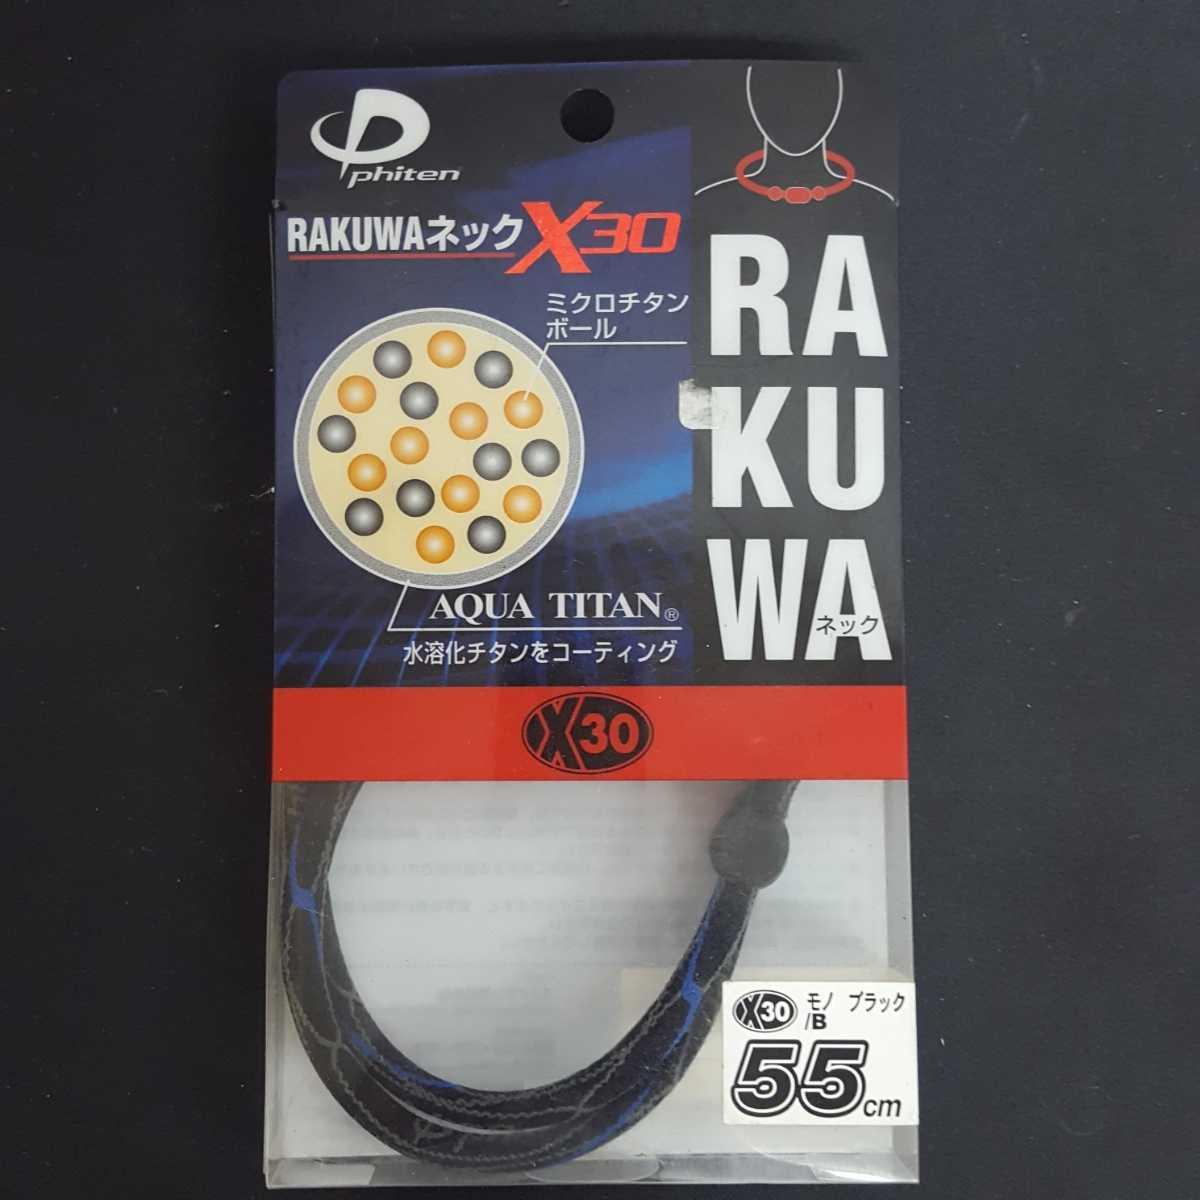 ファイテン RAKUWAネック X30 ミクロチタン ブラック 肩凝り_画像3